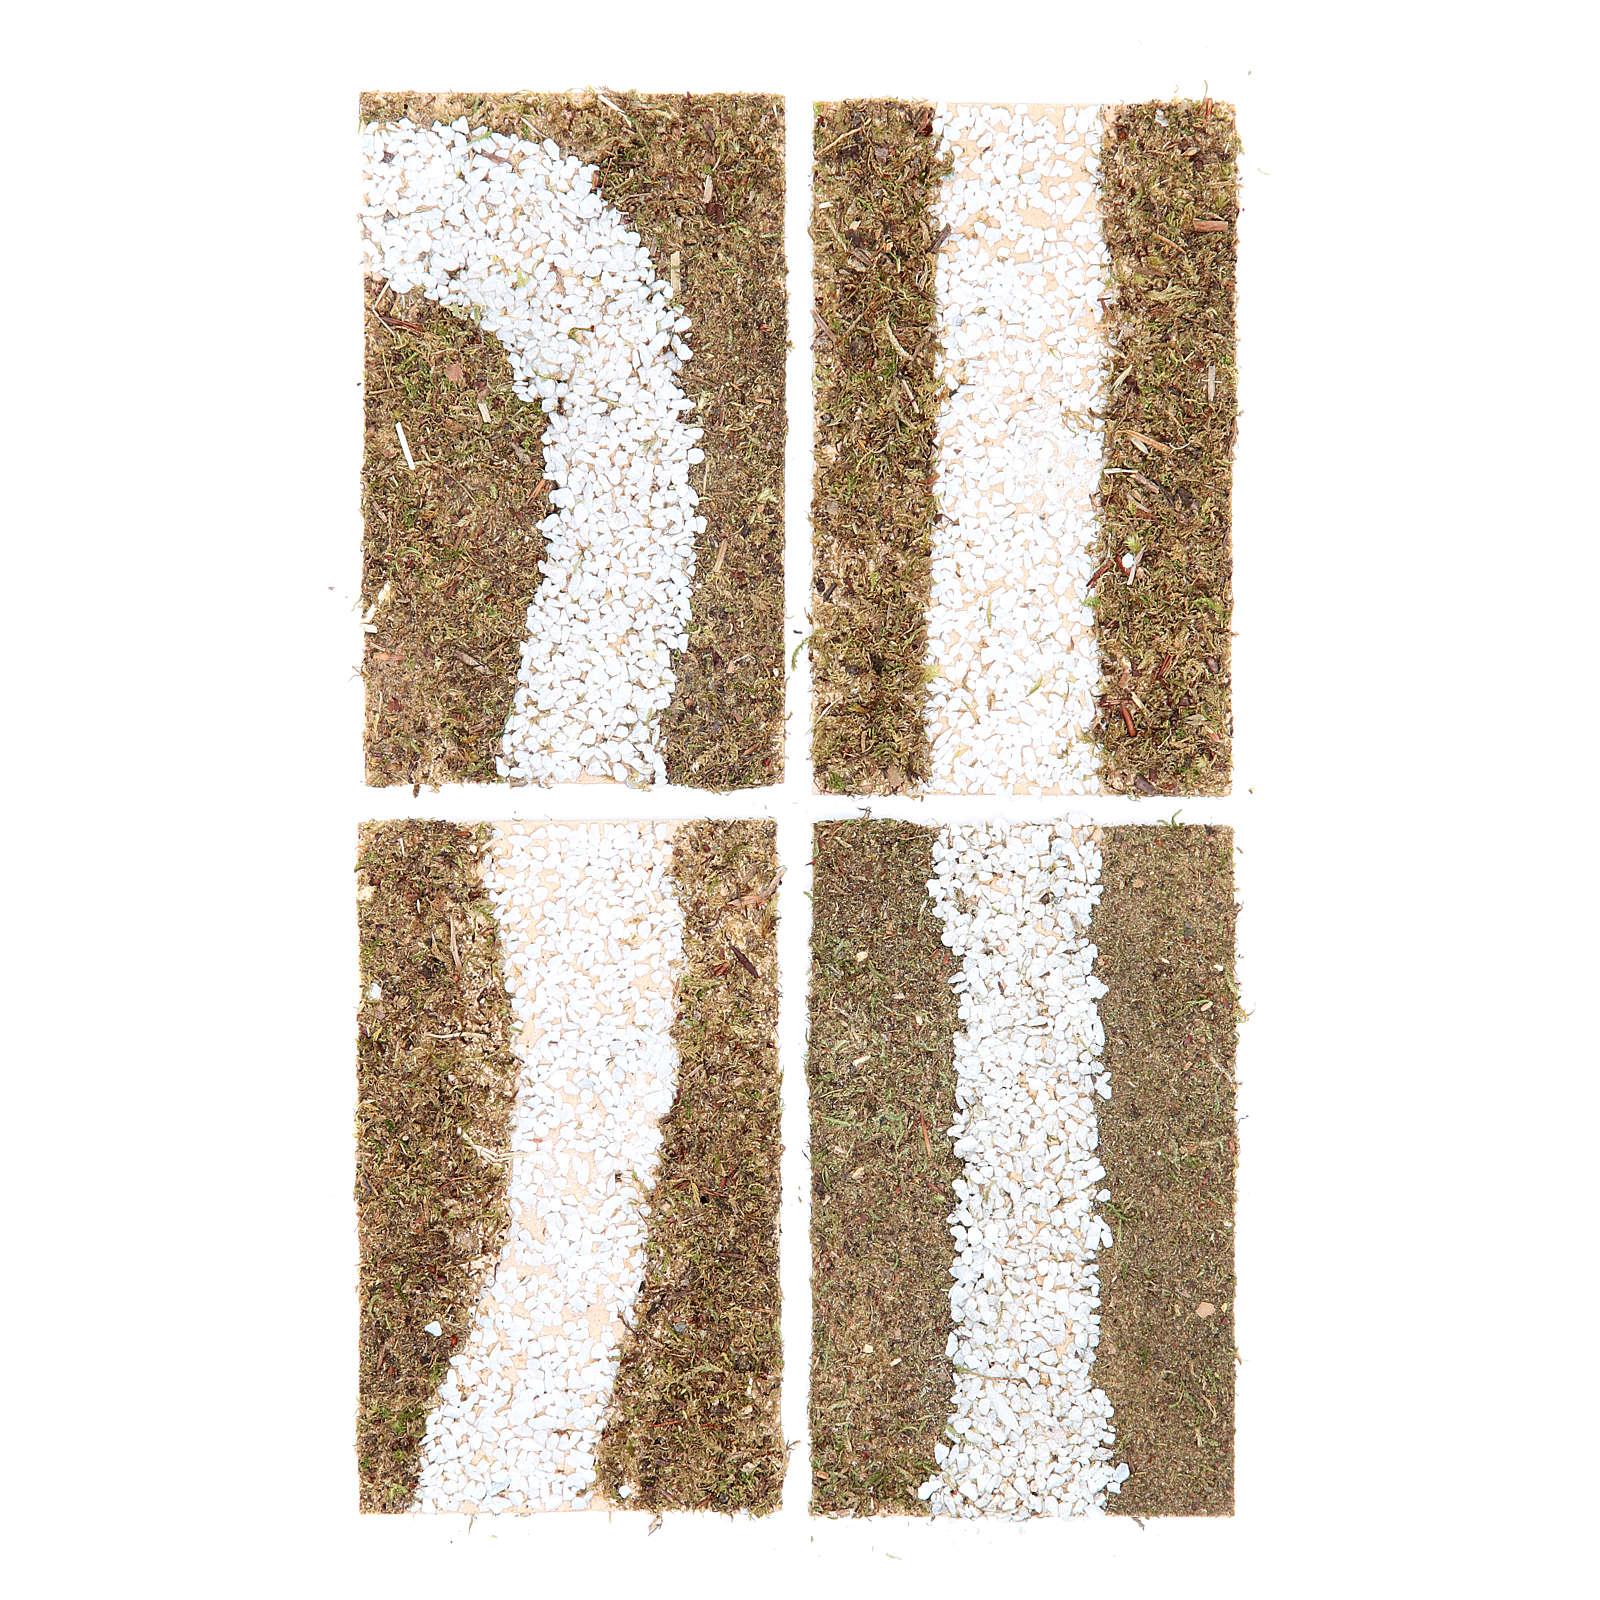 Camino componible belén 4 piezas 16x9 4